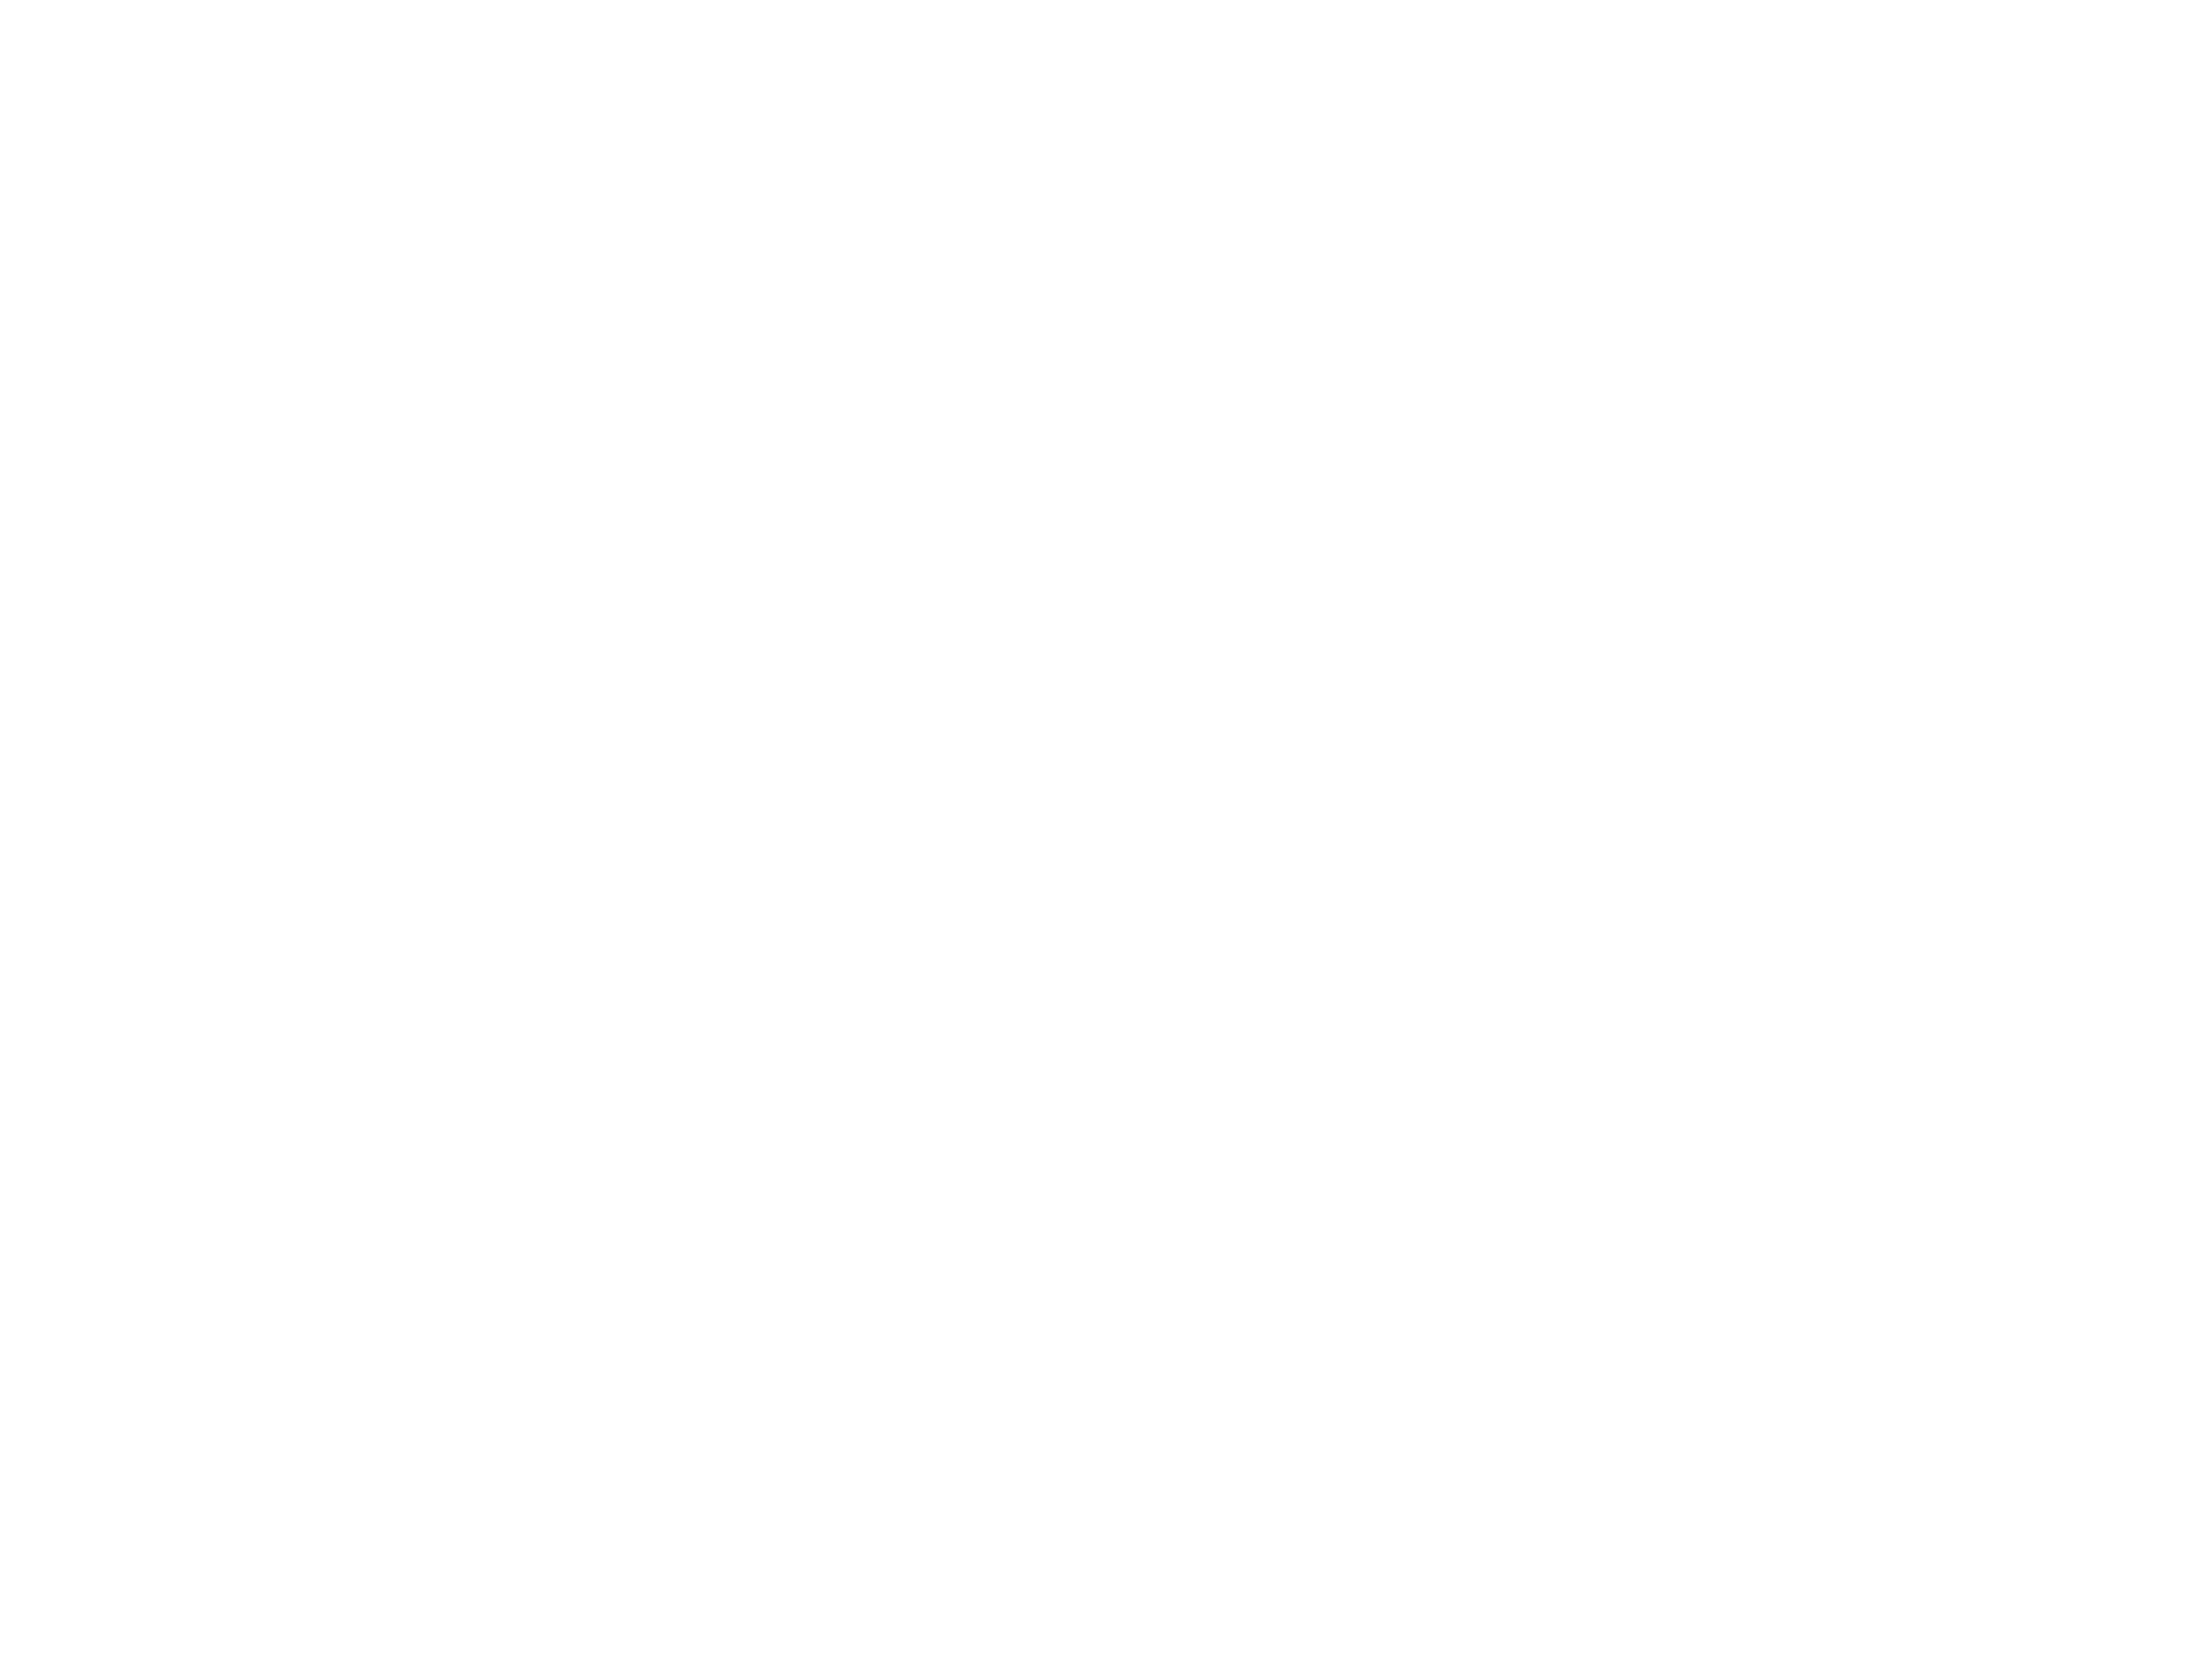 ROLETA SPRCHOVÁ BÍLÁ UNI BASIC šířka rolety: 120 cm